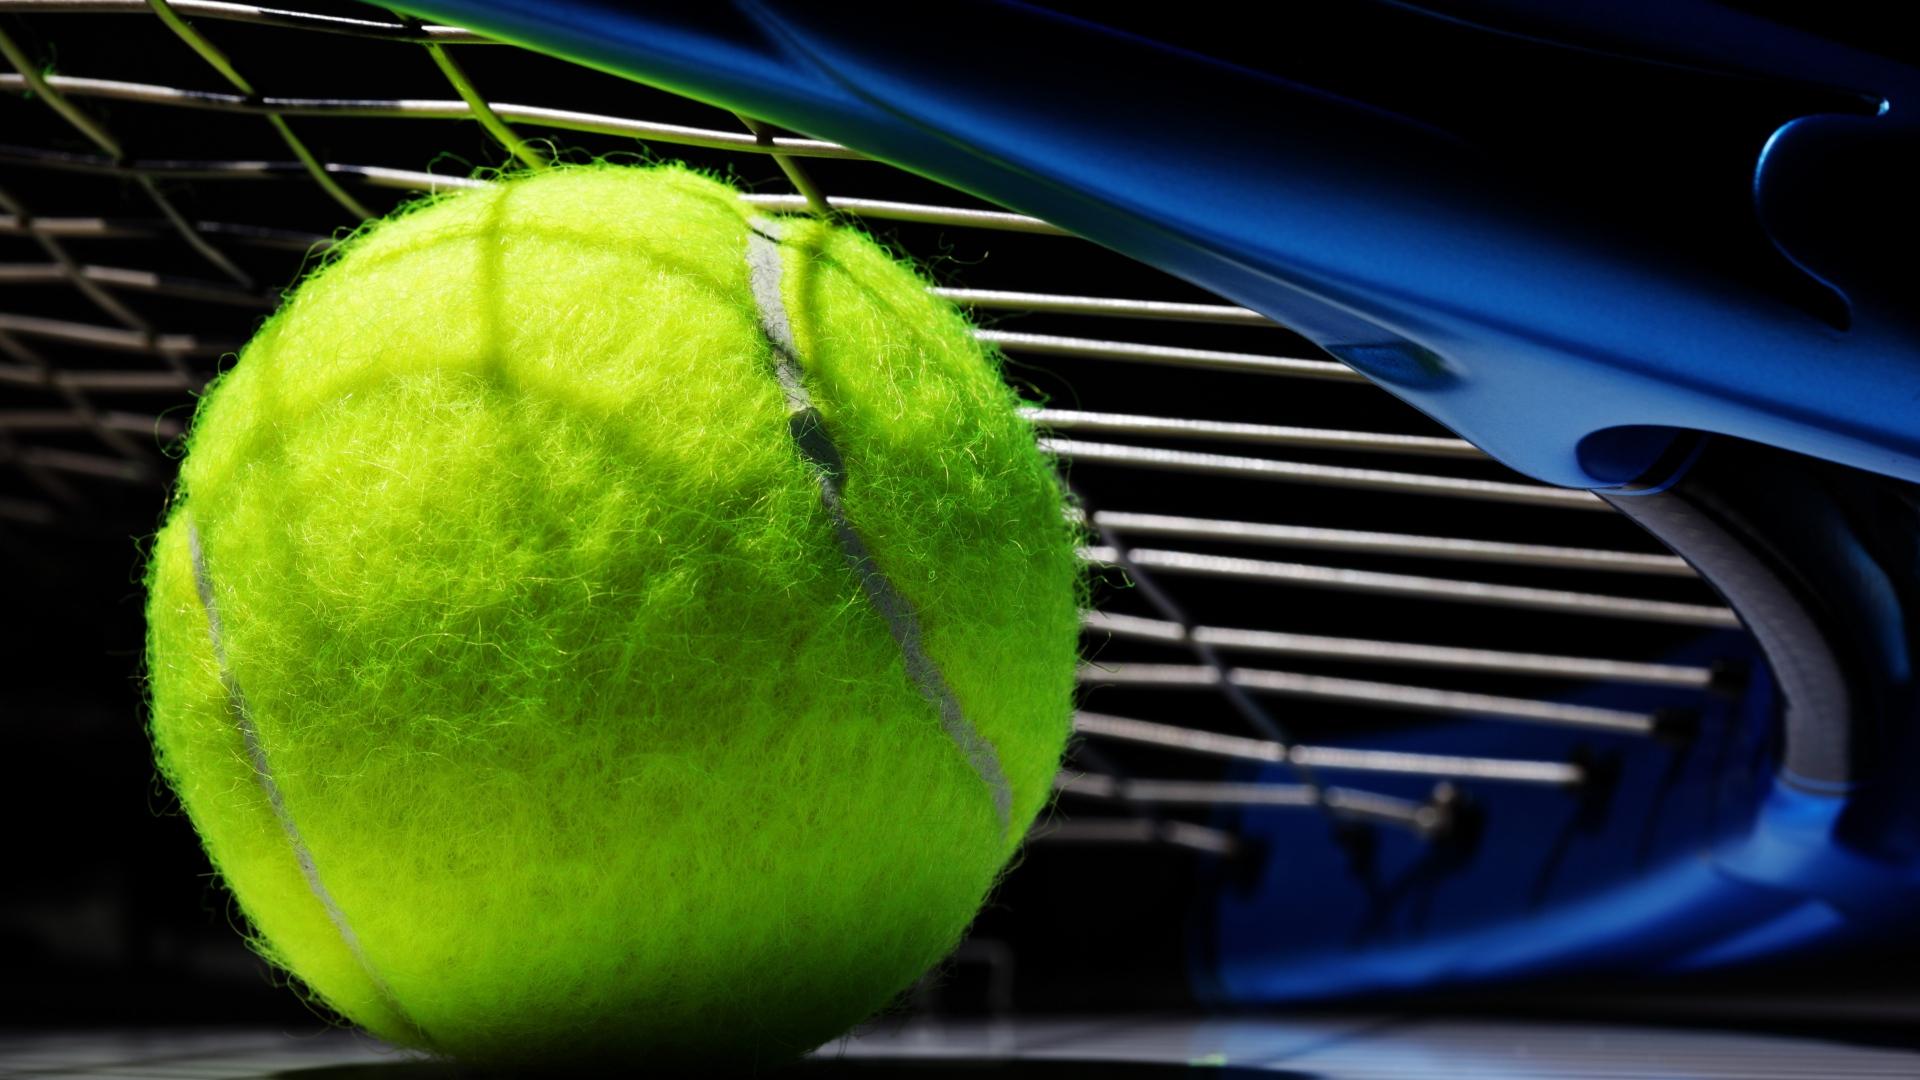 Tennis Ball Up Close Wallpaper 59881 1920x1080px